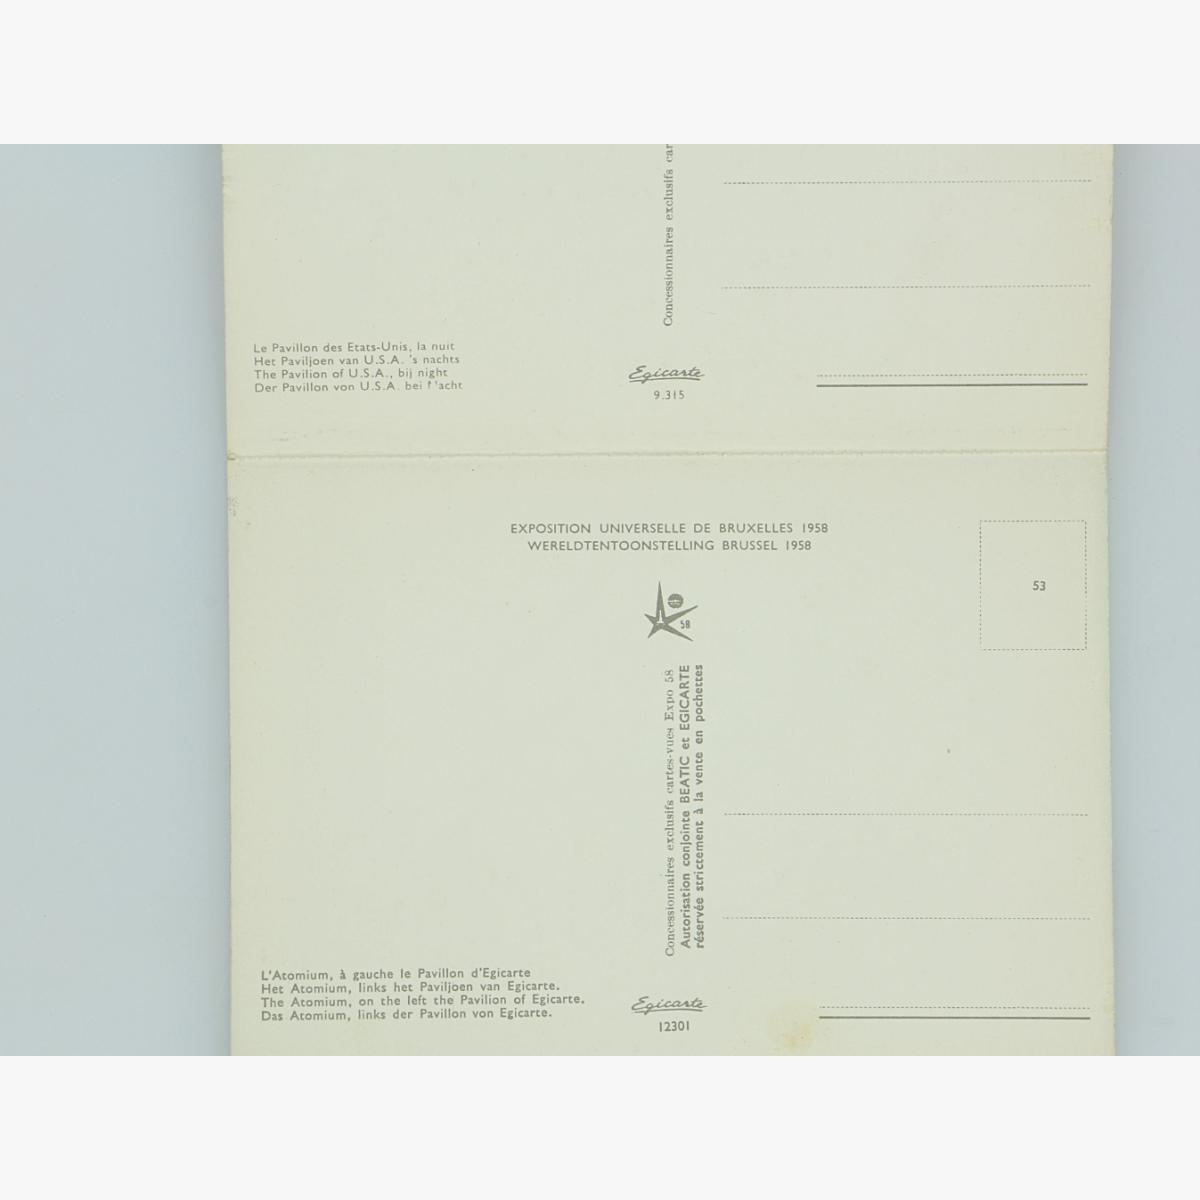 Afbeeldingen van expo 58 postkaarten 10 stuks serie 10c copyright by egicarte